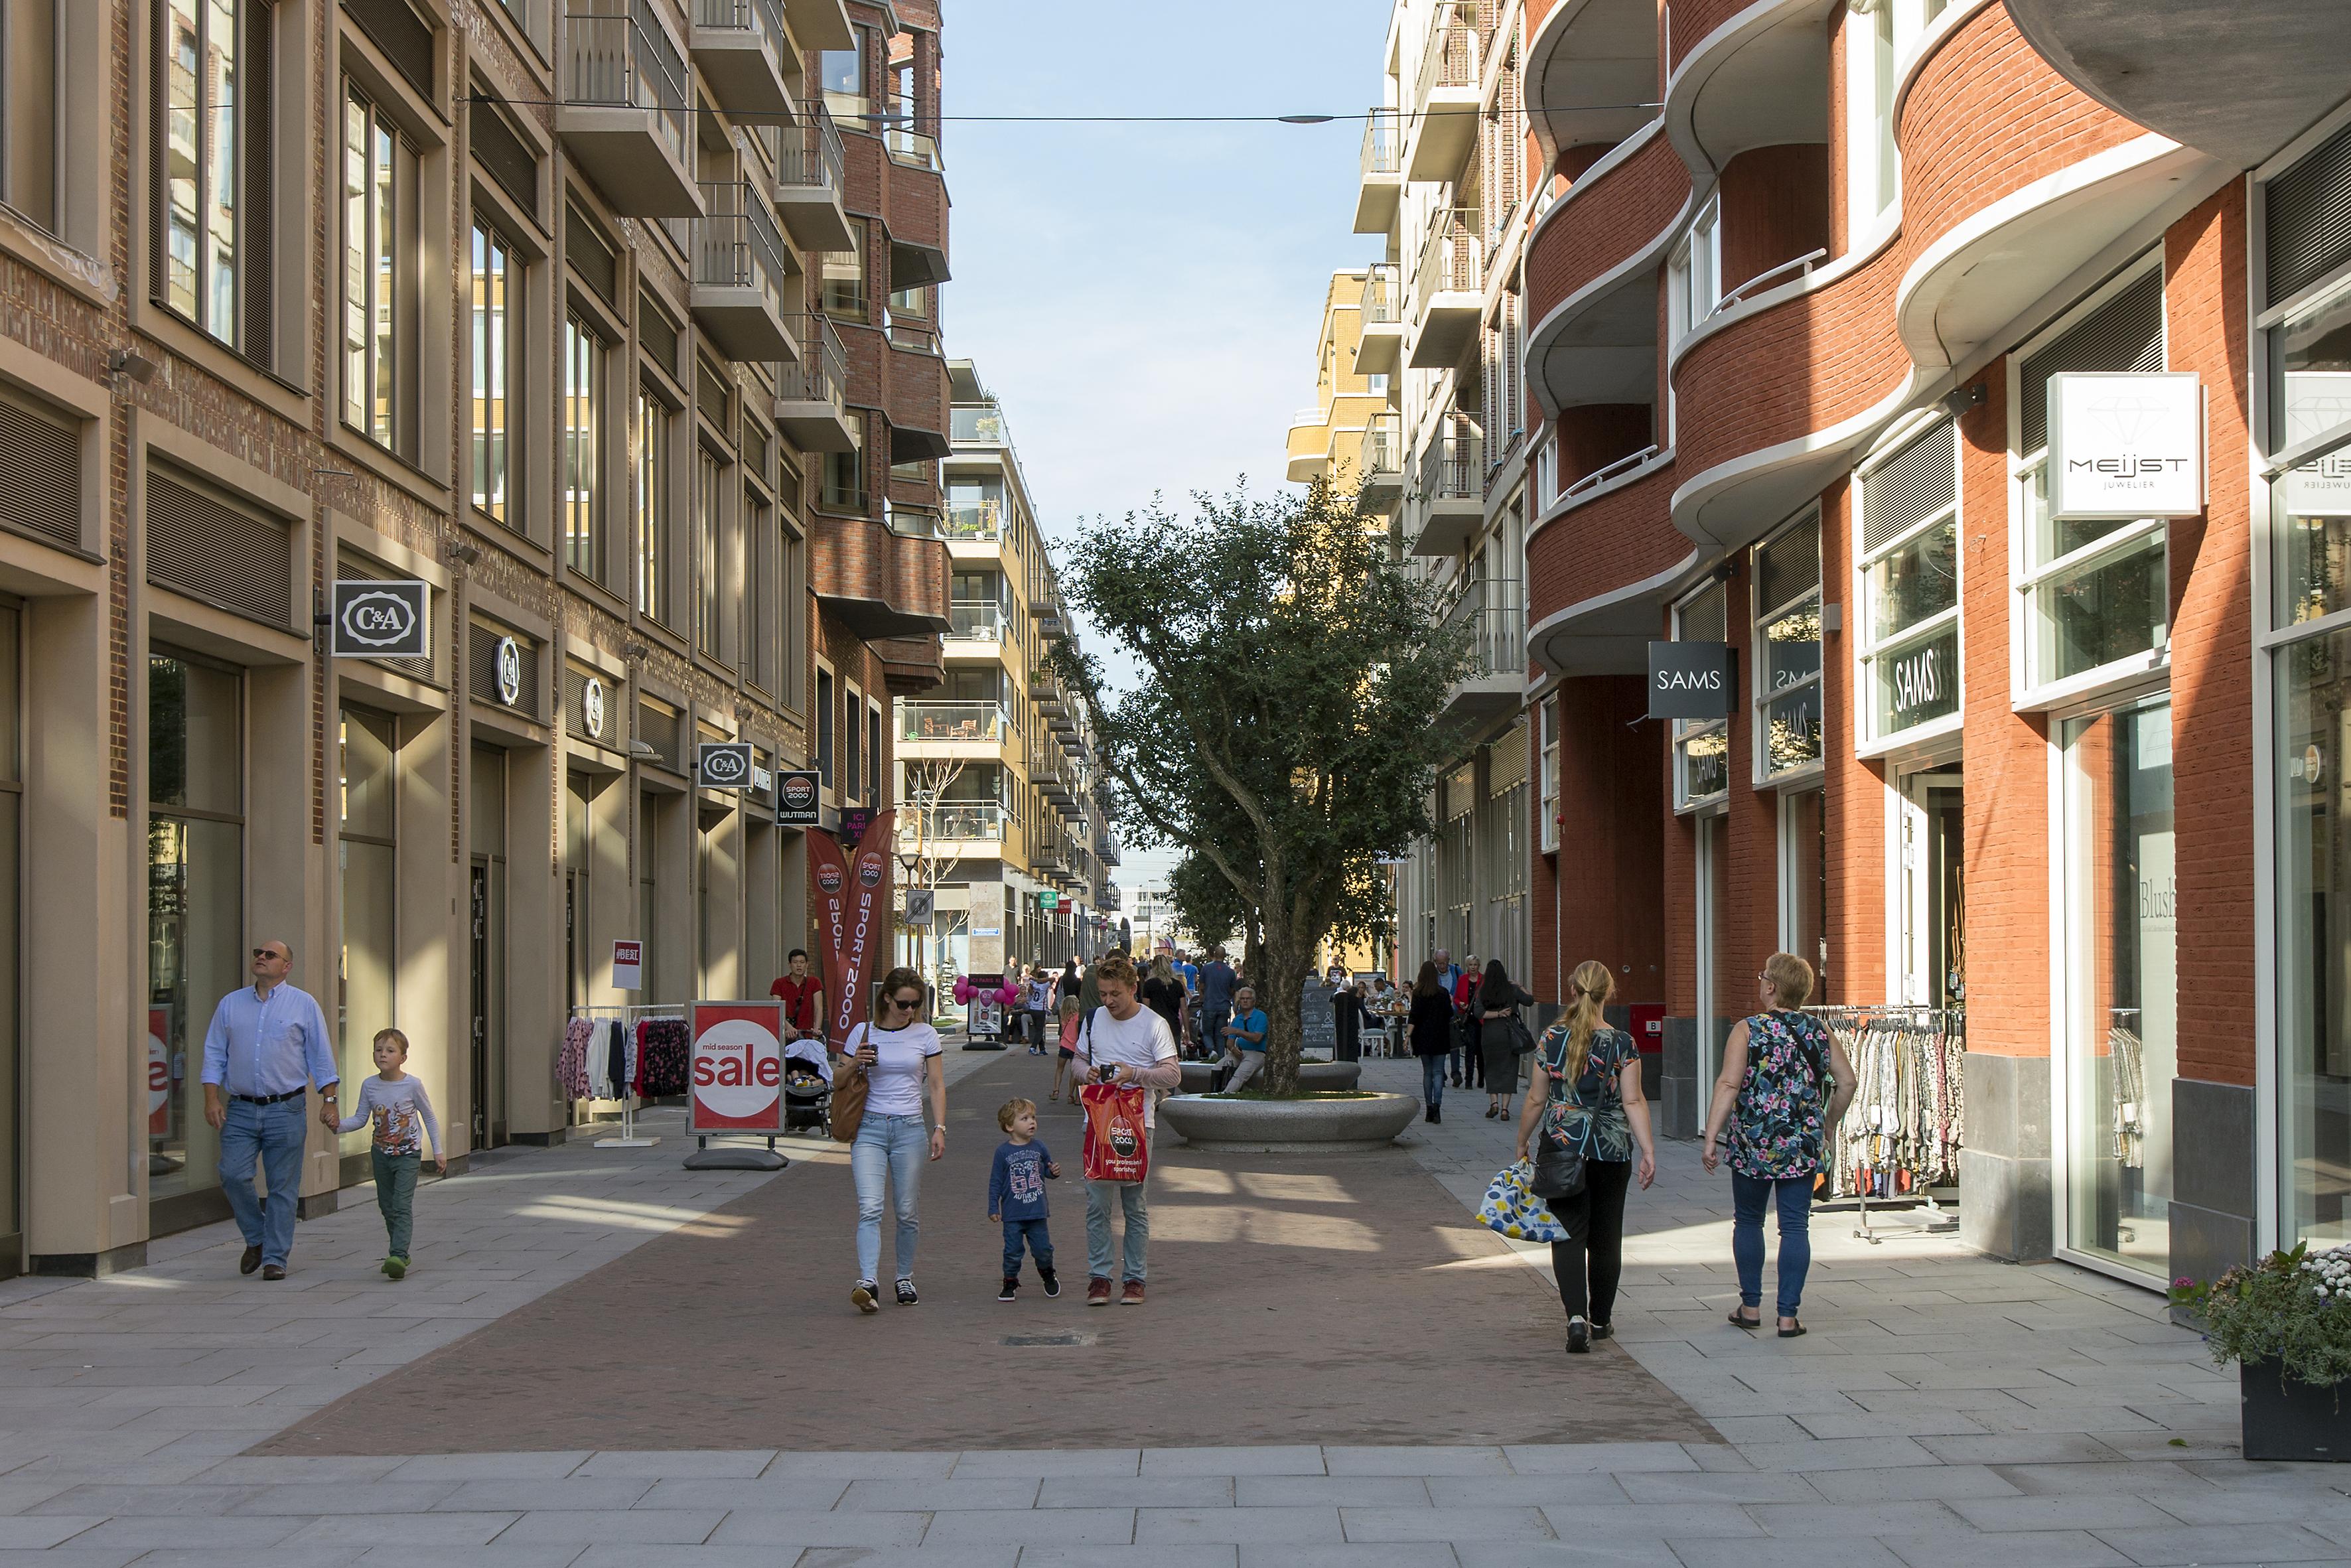 <p>Luxemburgpromenade, rechts een gebouw van Dok Architecten, links Geurst &#038; Schulze Architecten. Beeld Luuk Kramer</p>